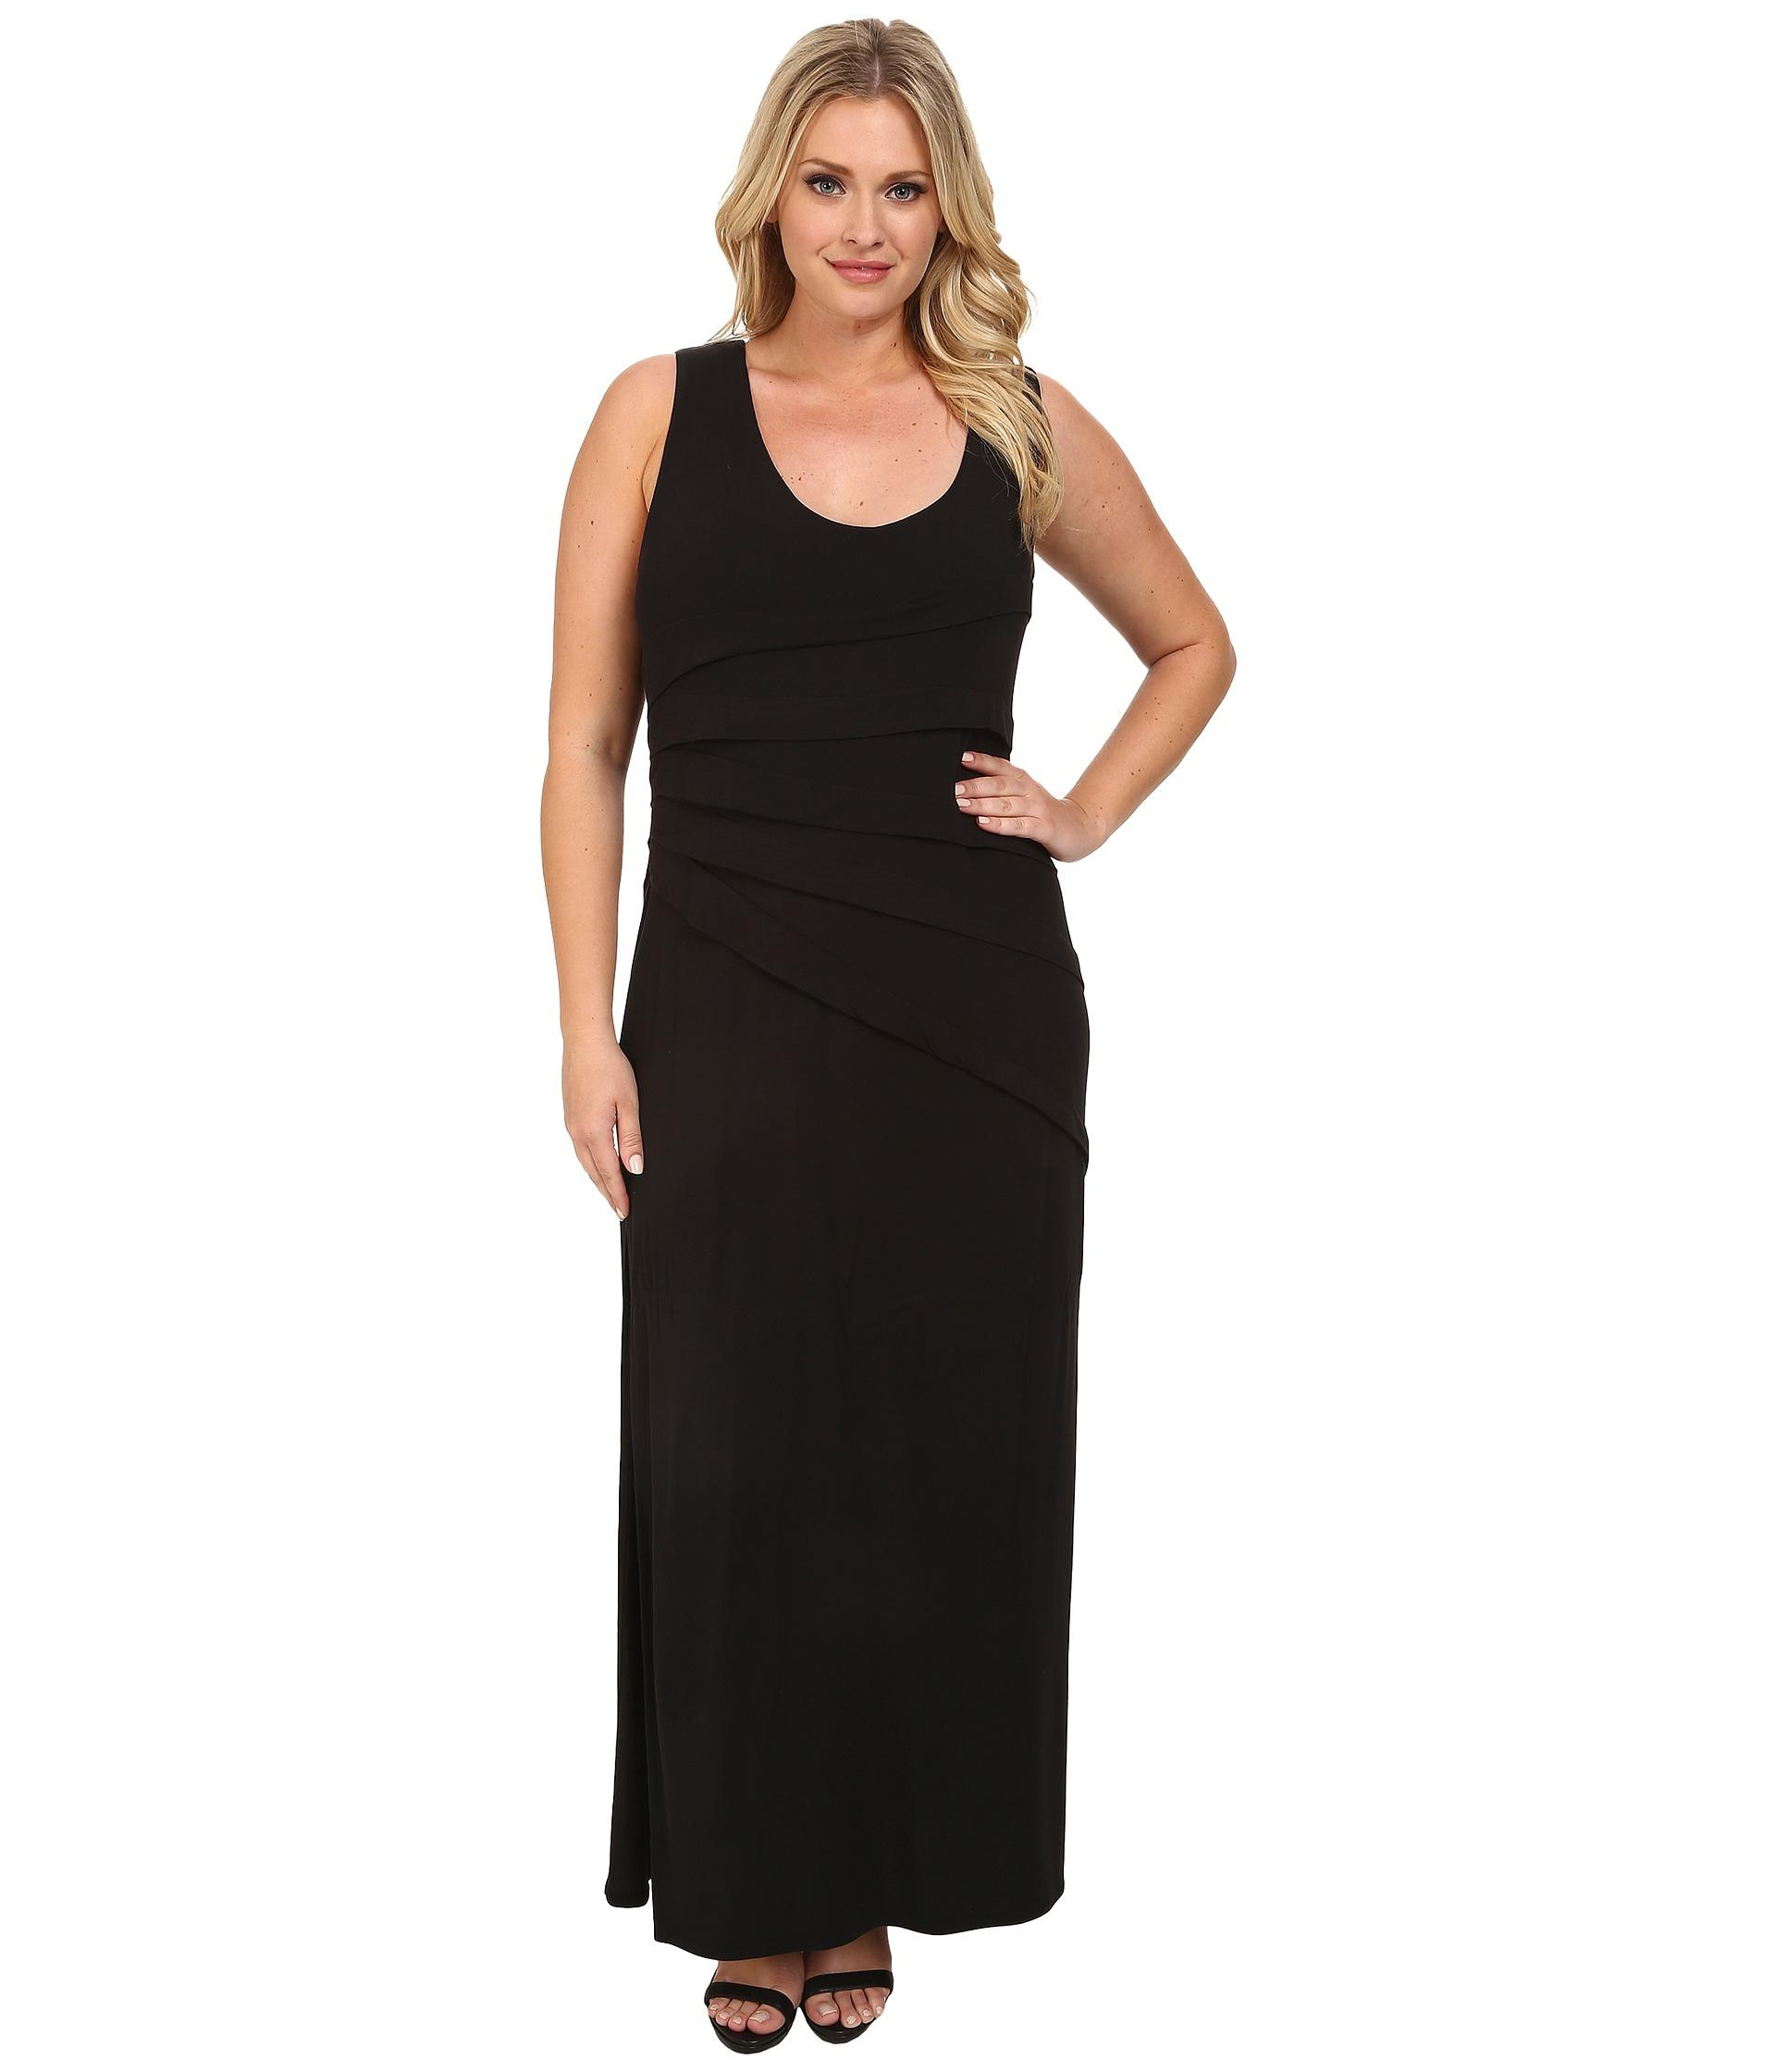 plus size attire little black dress